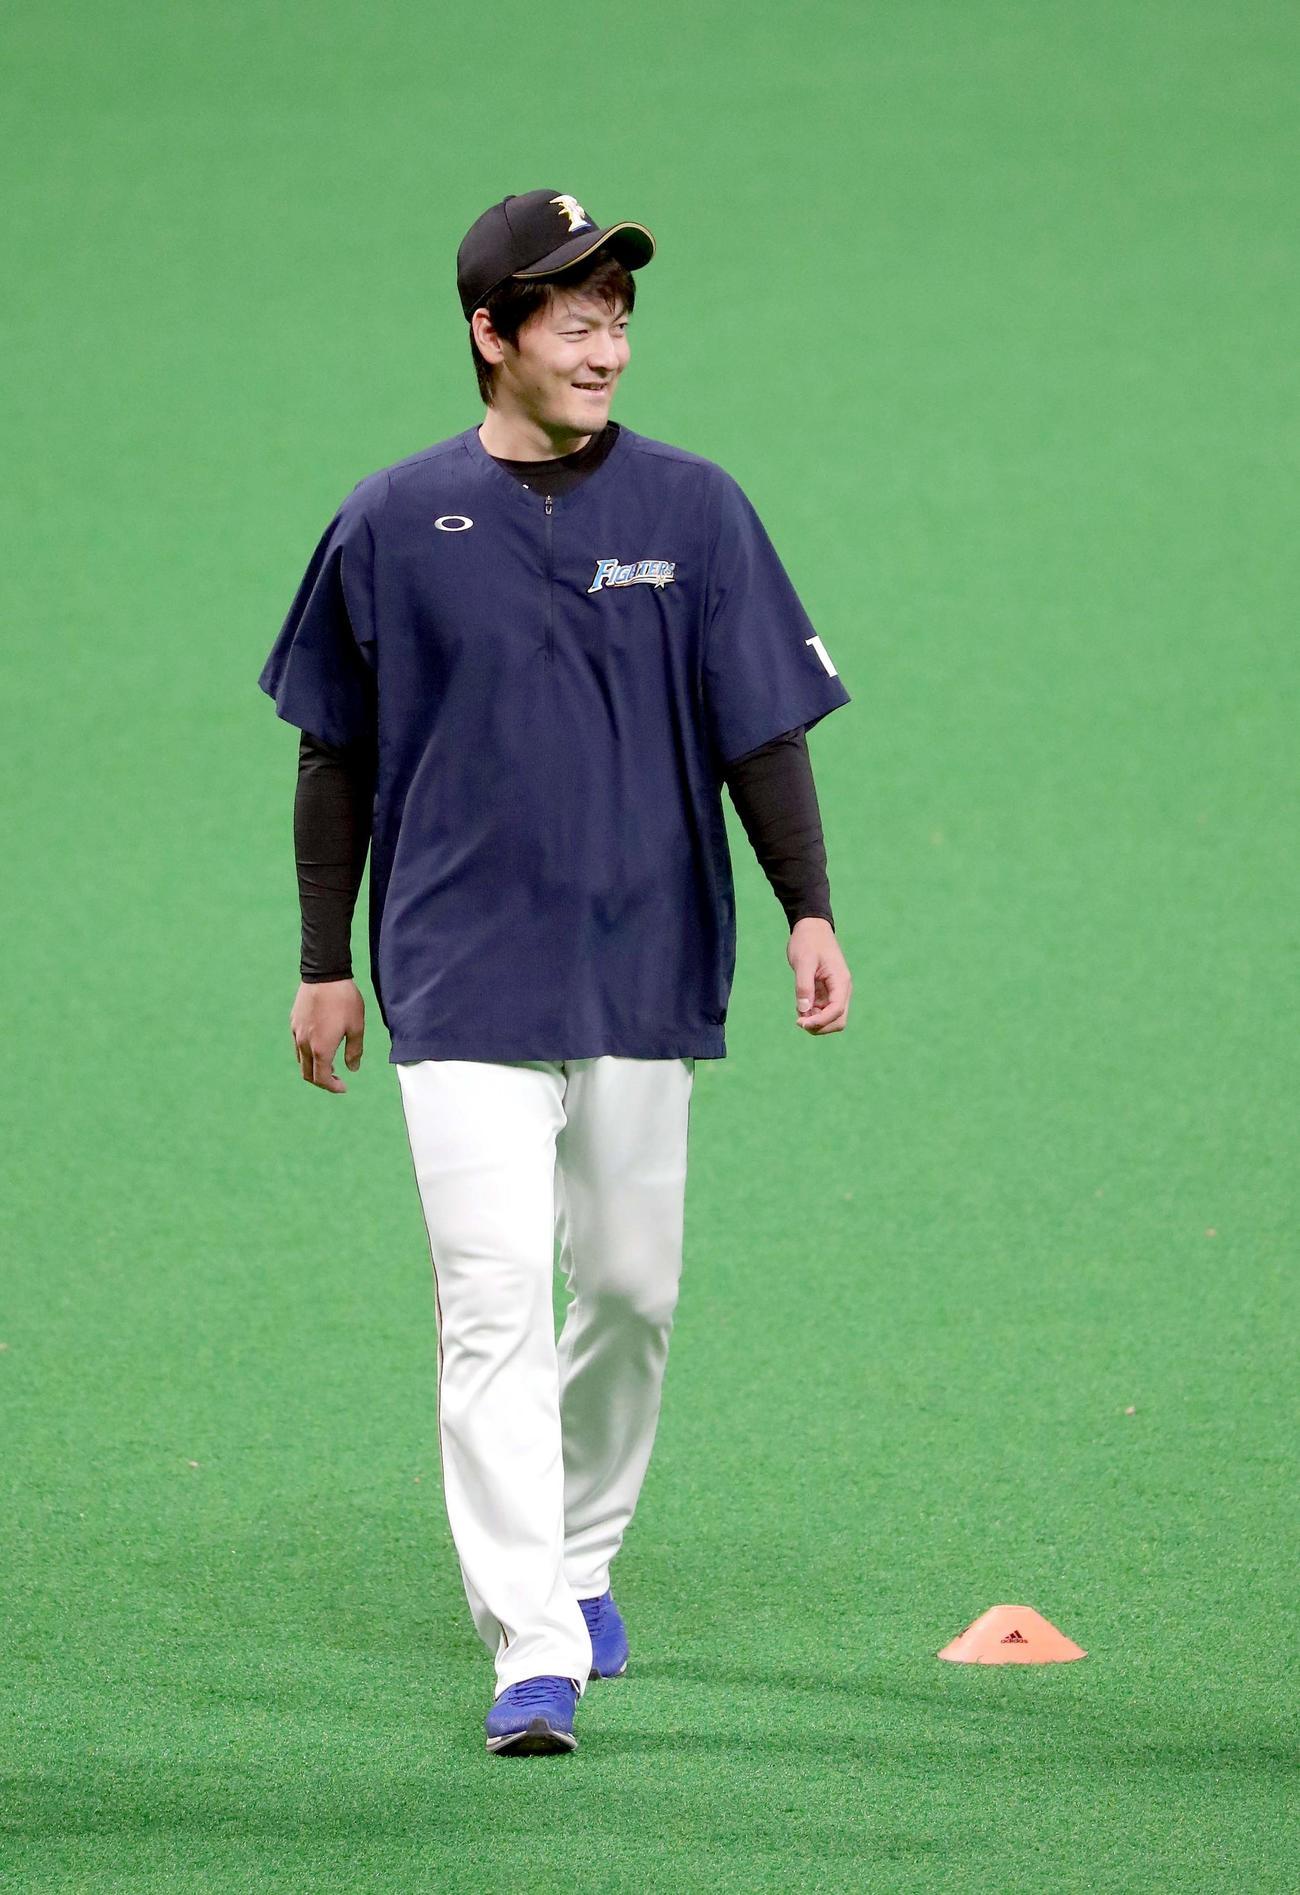 日本ハム対ソフトバンク ウオーミングアップ前、笑顔を見せる日本ハム有原(撮影・佐藤翔太)